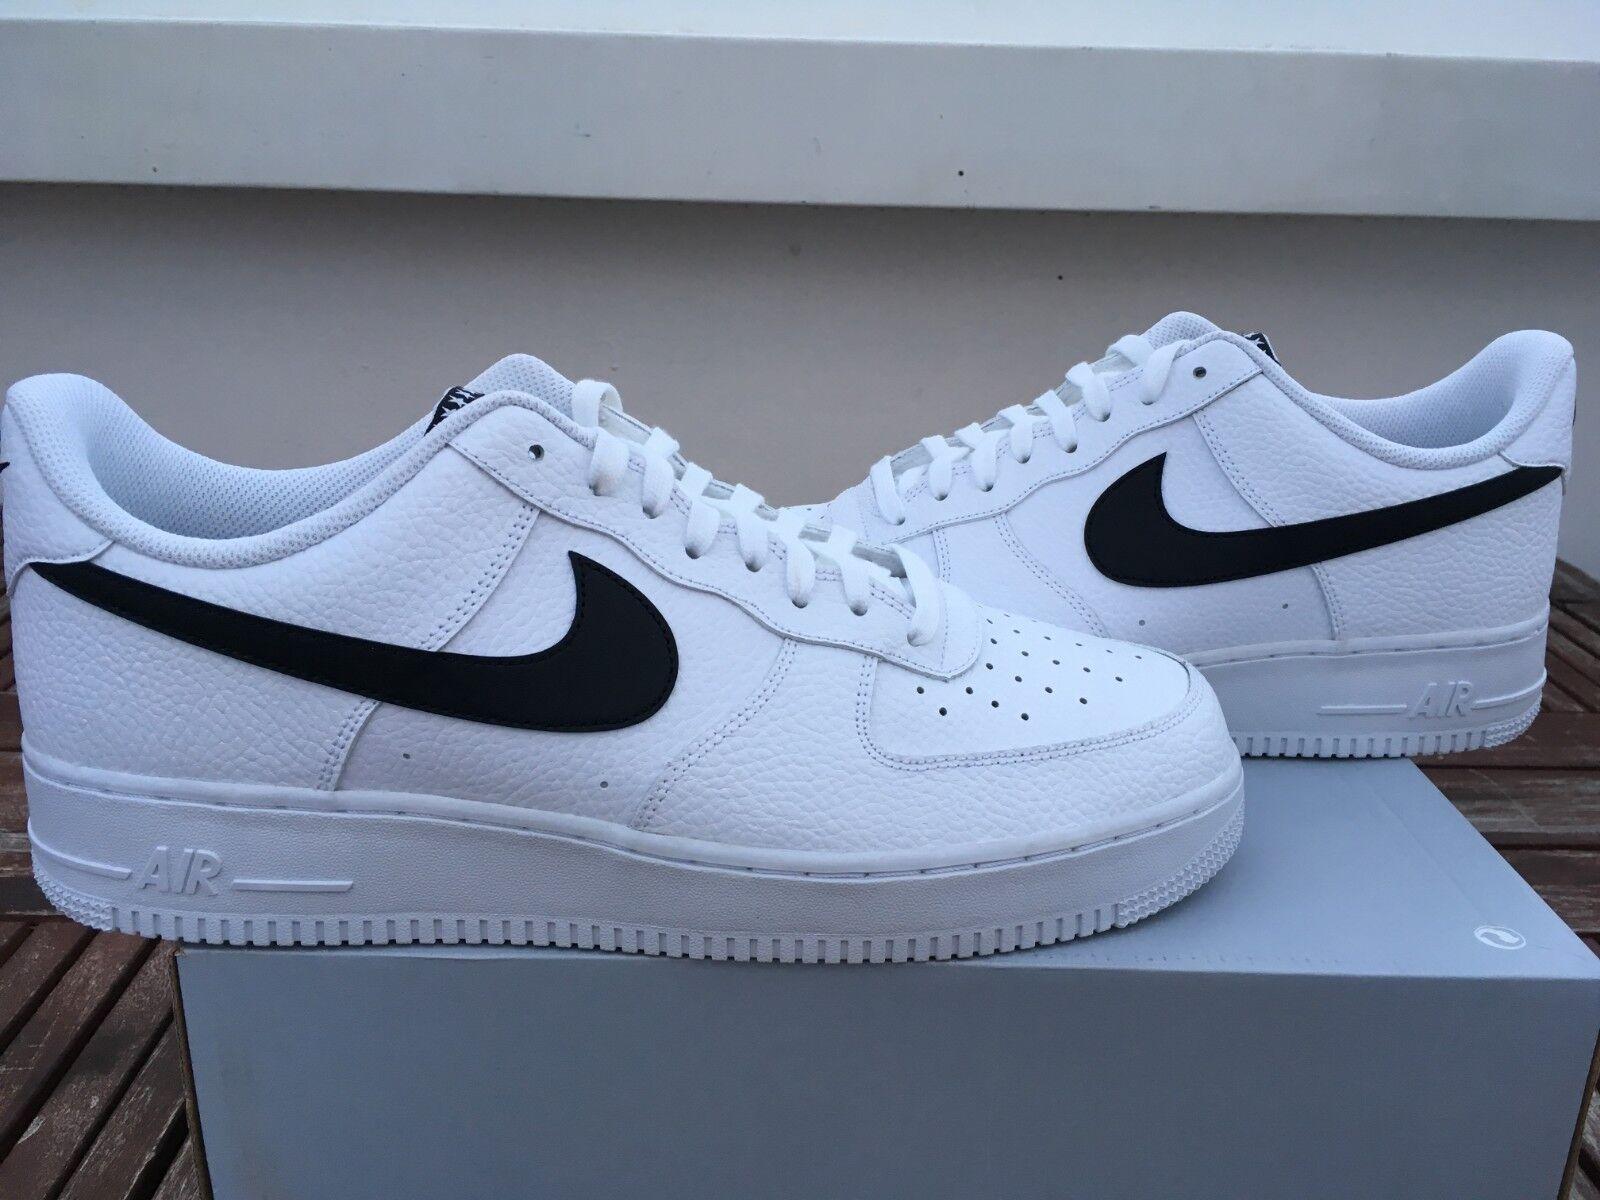 07 1 Air Nike Weiß Force Design Gutes US13 schwarz